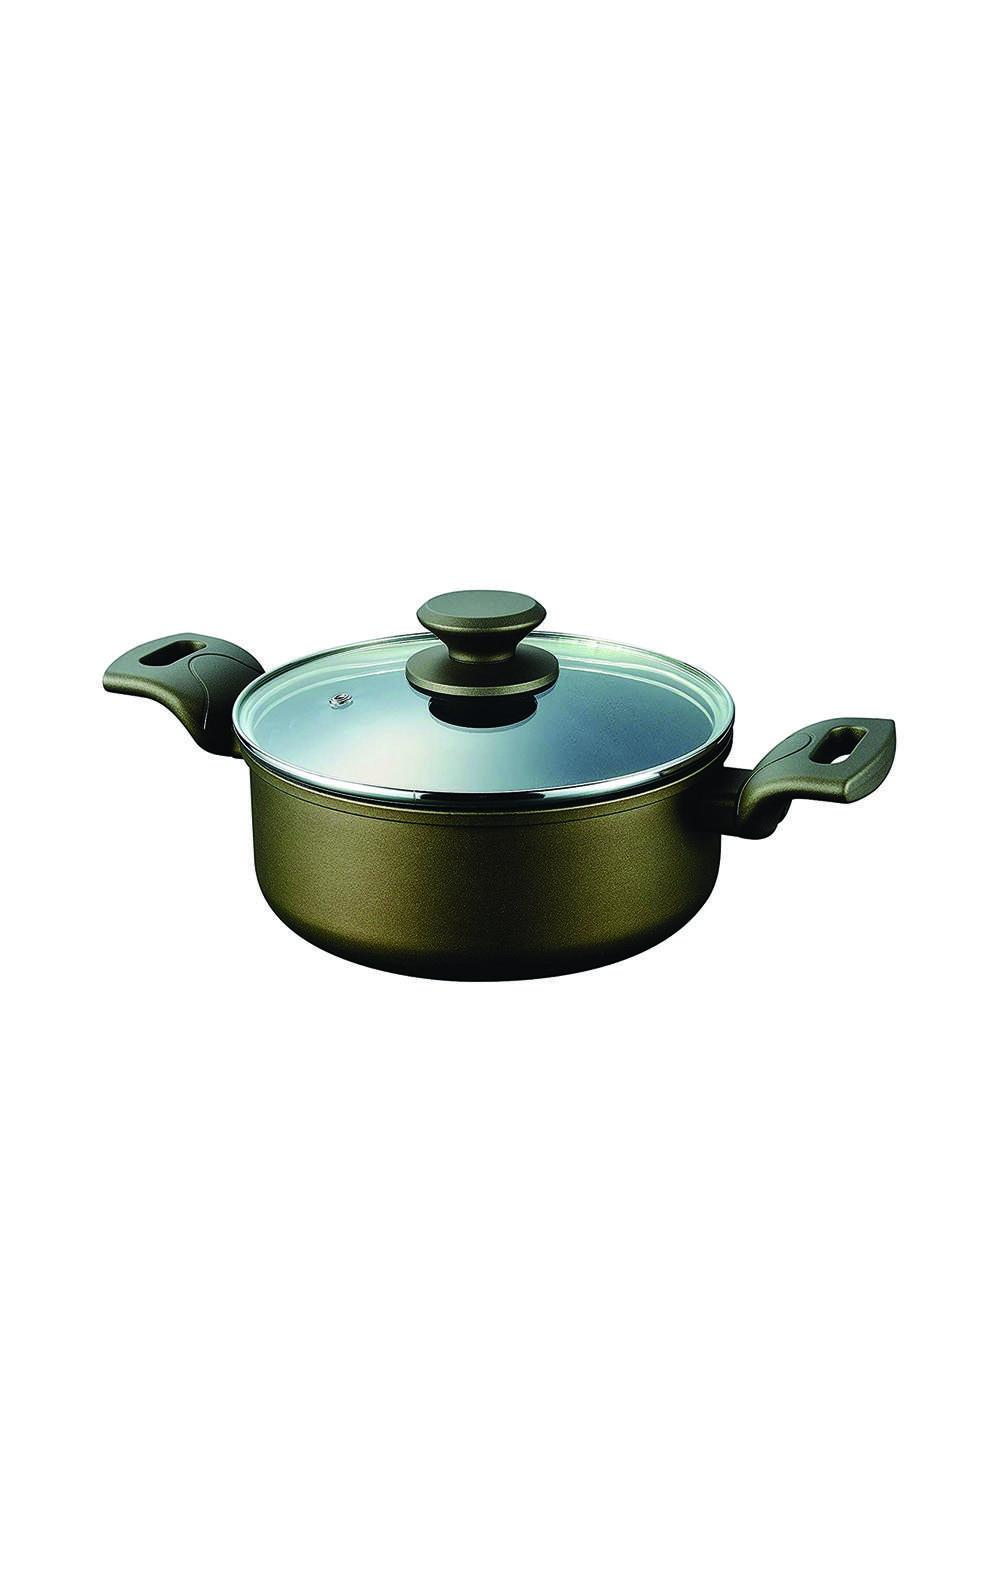 Pearl Metal HB-5511  Double-Handled Pot 22 cm قدر مع غطاء بايركس